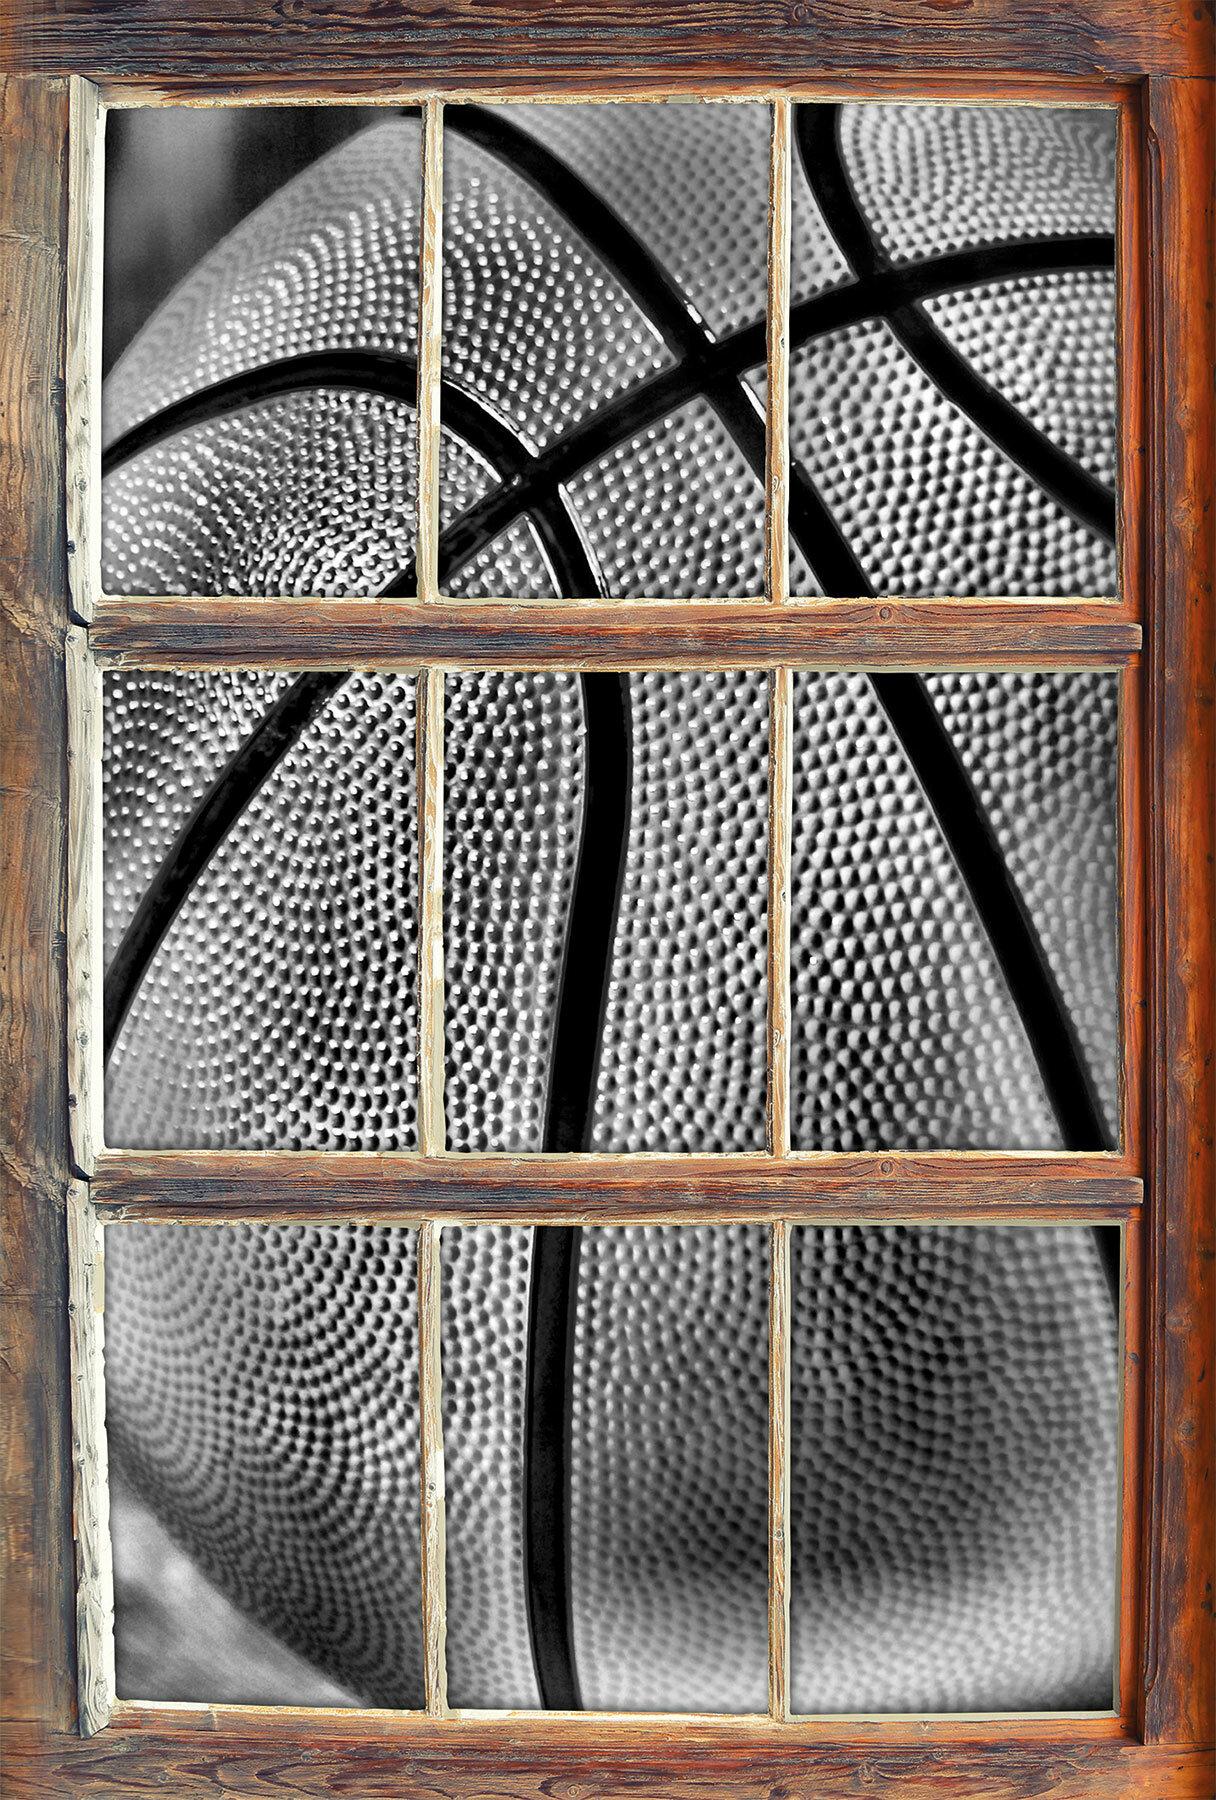 Brilliant Wandtattoo Basketball Beste Wahl Home Loft Concept Schwarzer Hintergrund   Wayfair.de